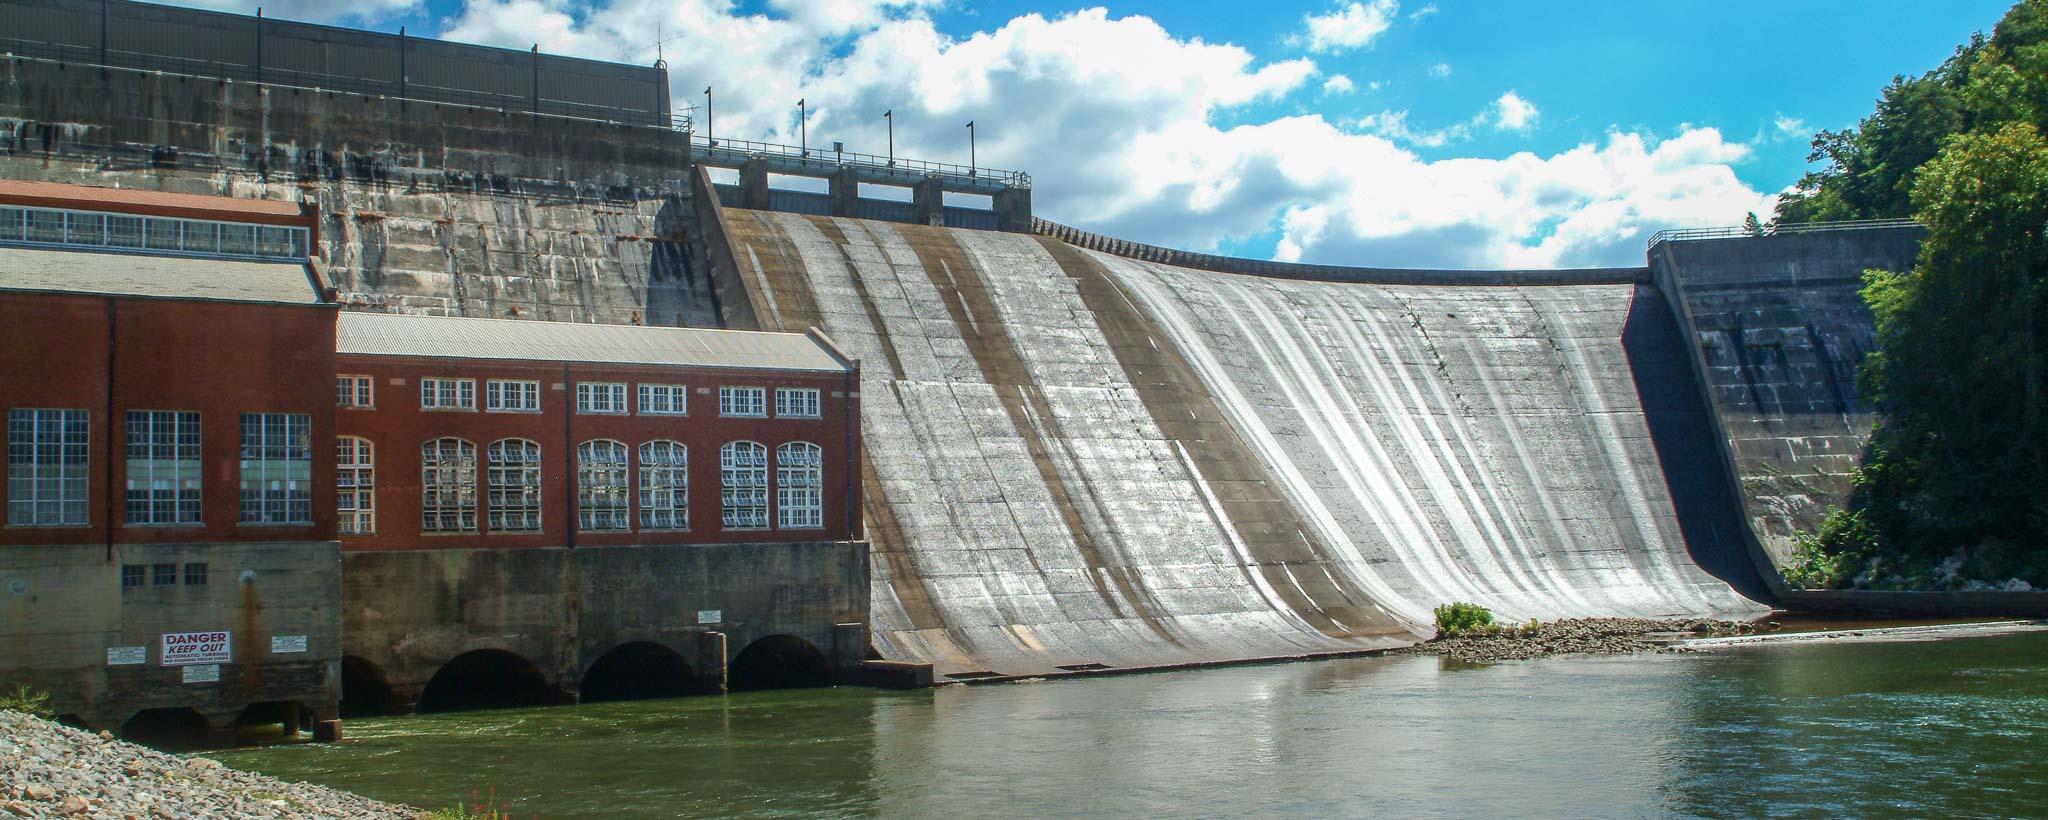 Ocoee No. 1 + Parksville Reservoir